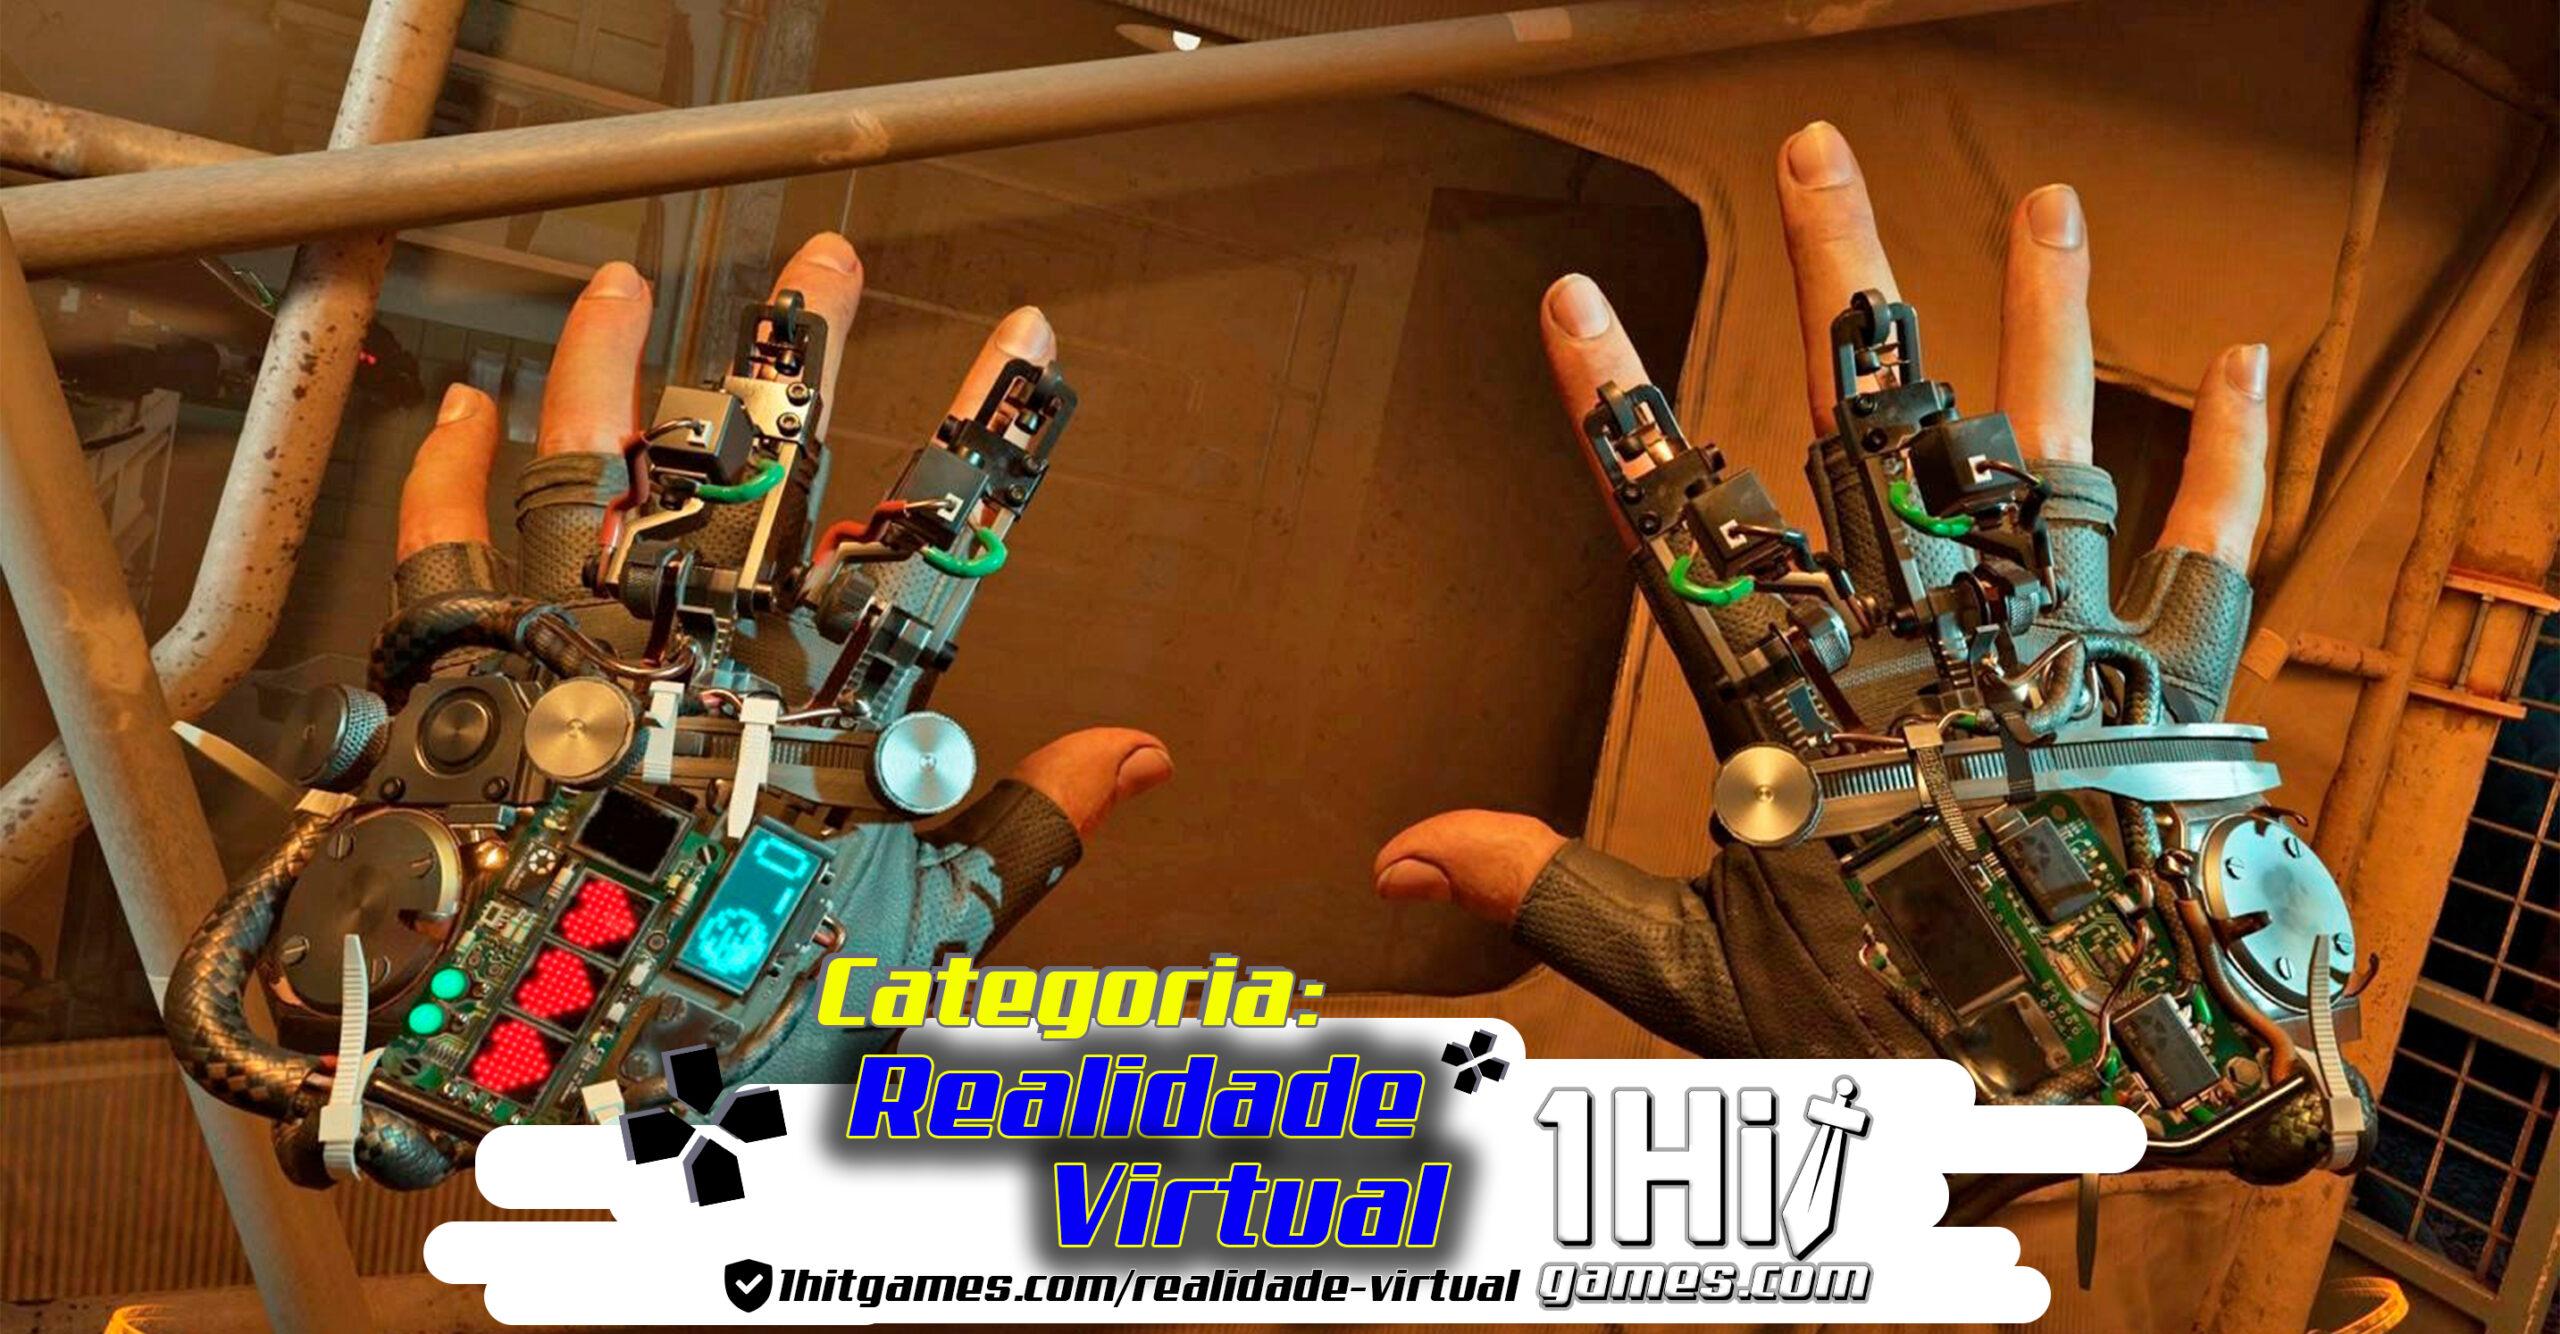 realidade virtual 1hitgames categoria gaming 1hit